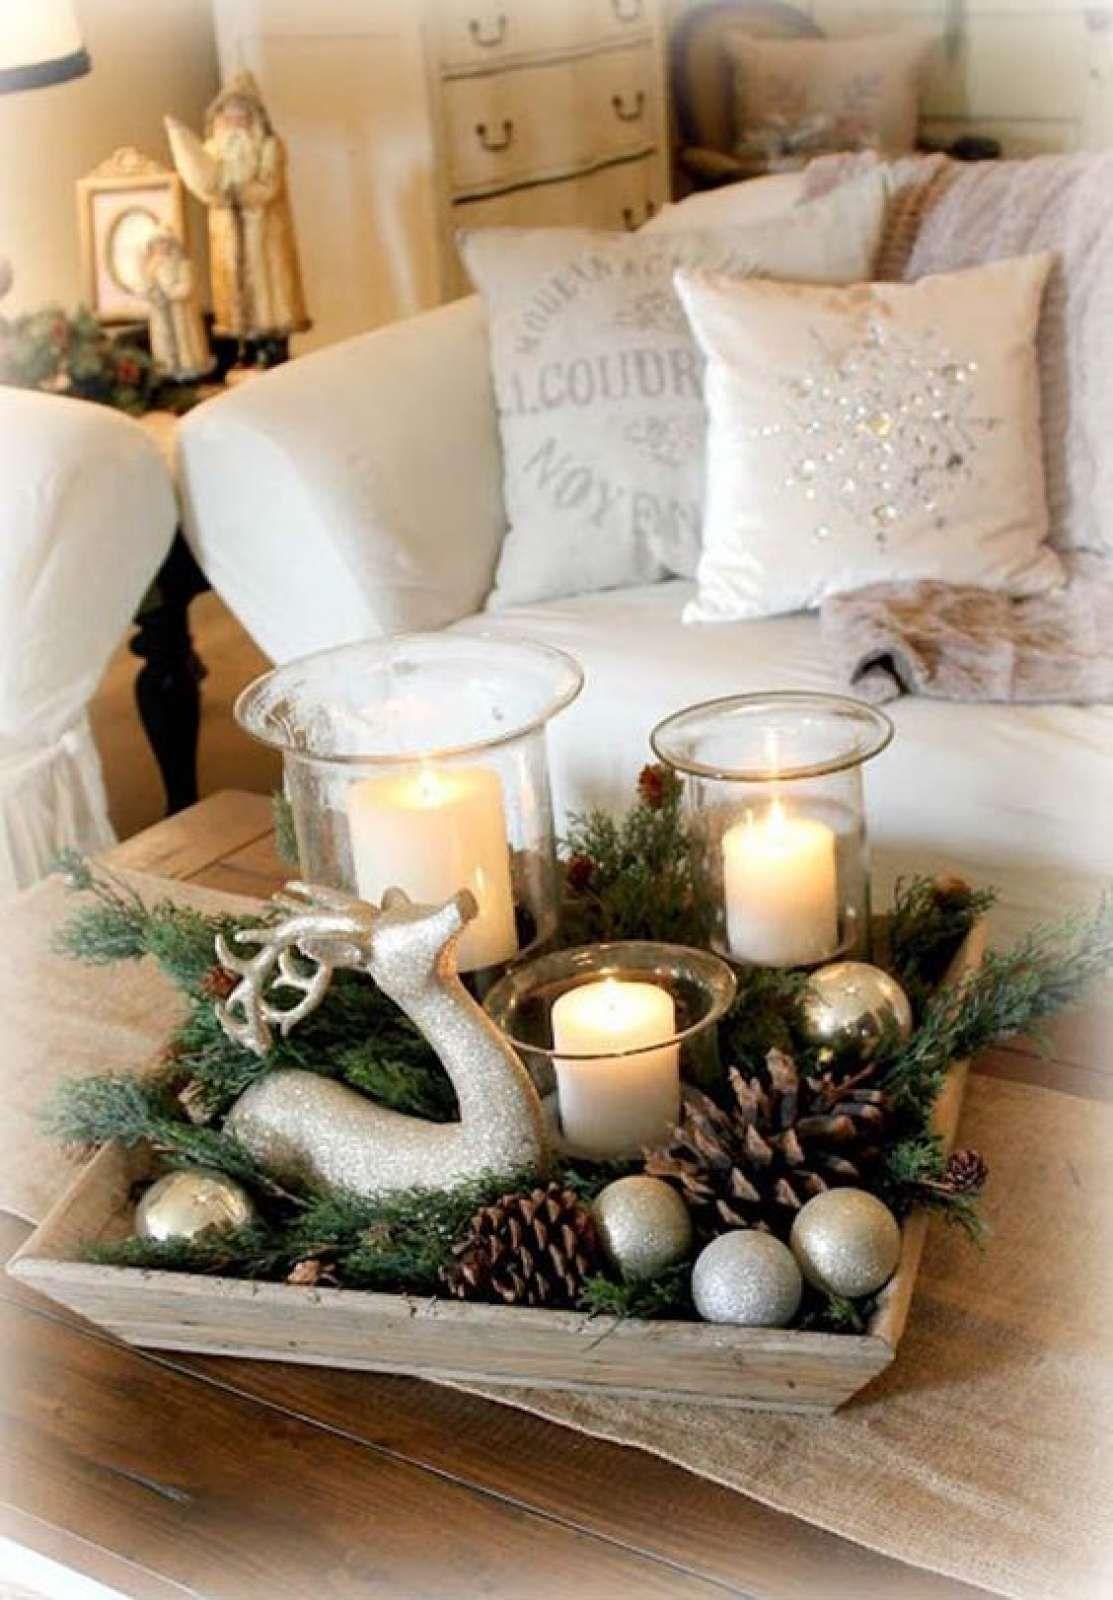 50 Creative Classy Diy Christmas Table Decoration Ideas Decorazioni Di Natale Bianche Tabelle Di Natale Centrotavola Di Natale